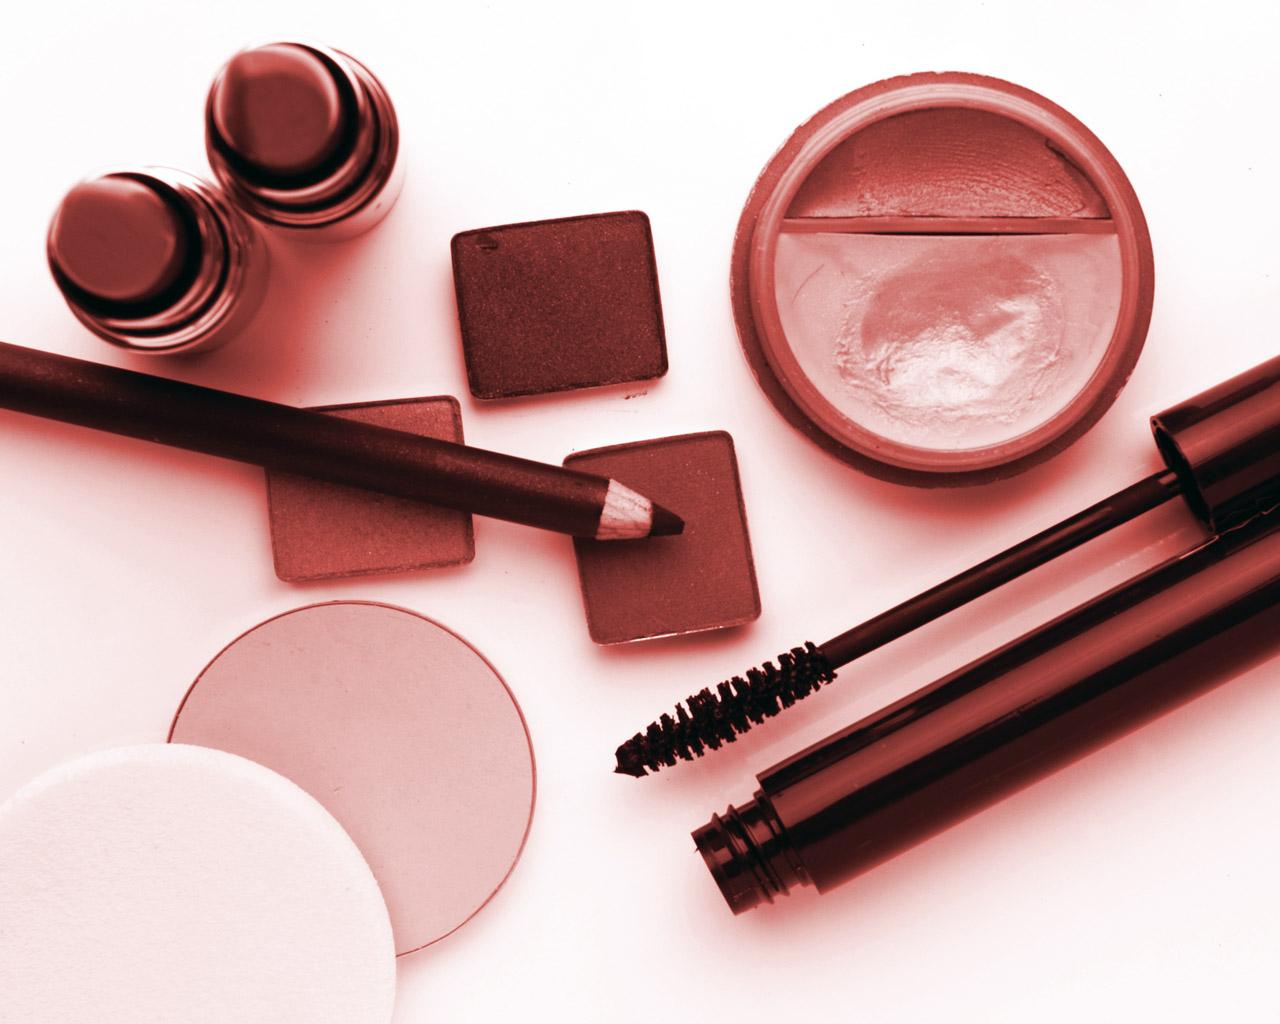 Cosmetics Wallpaper Desktop Background